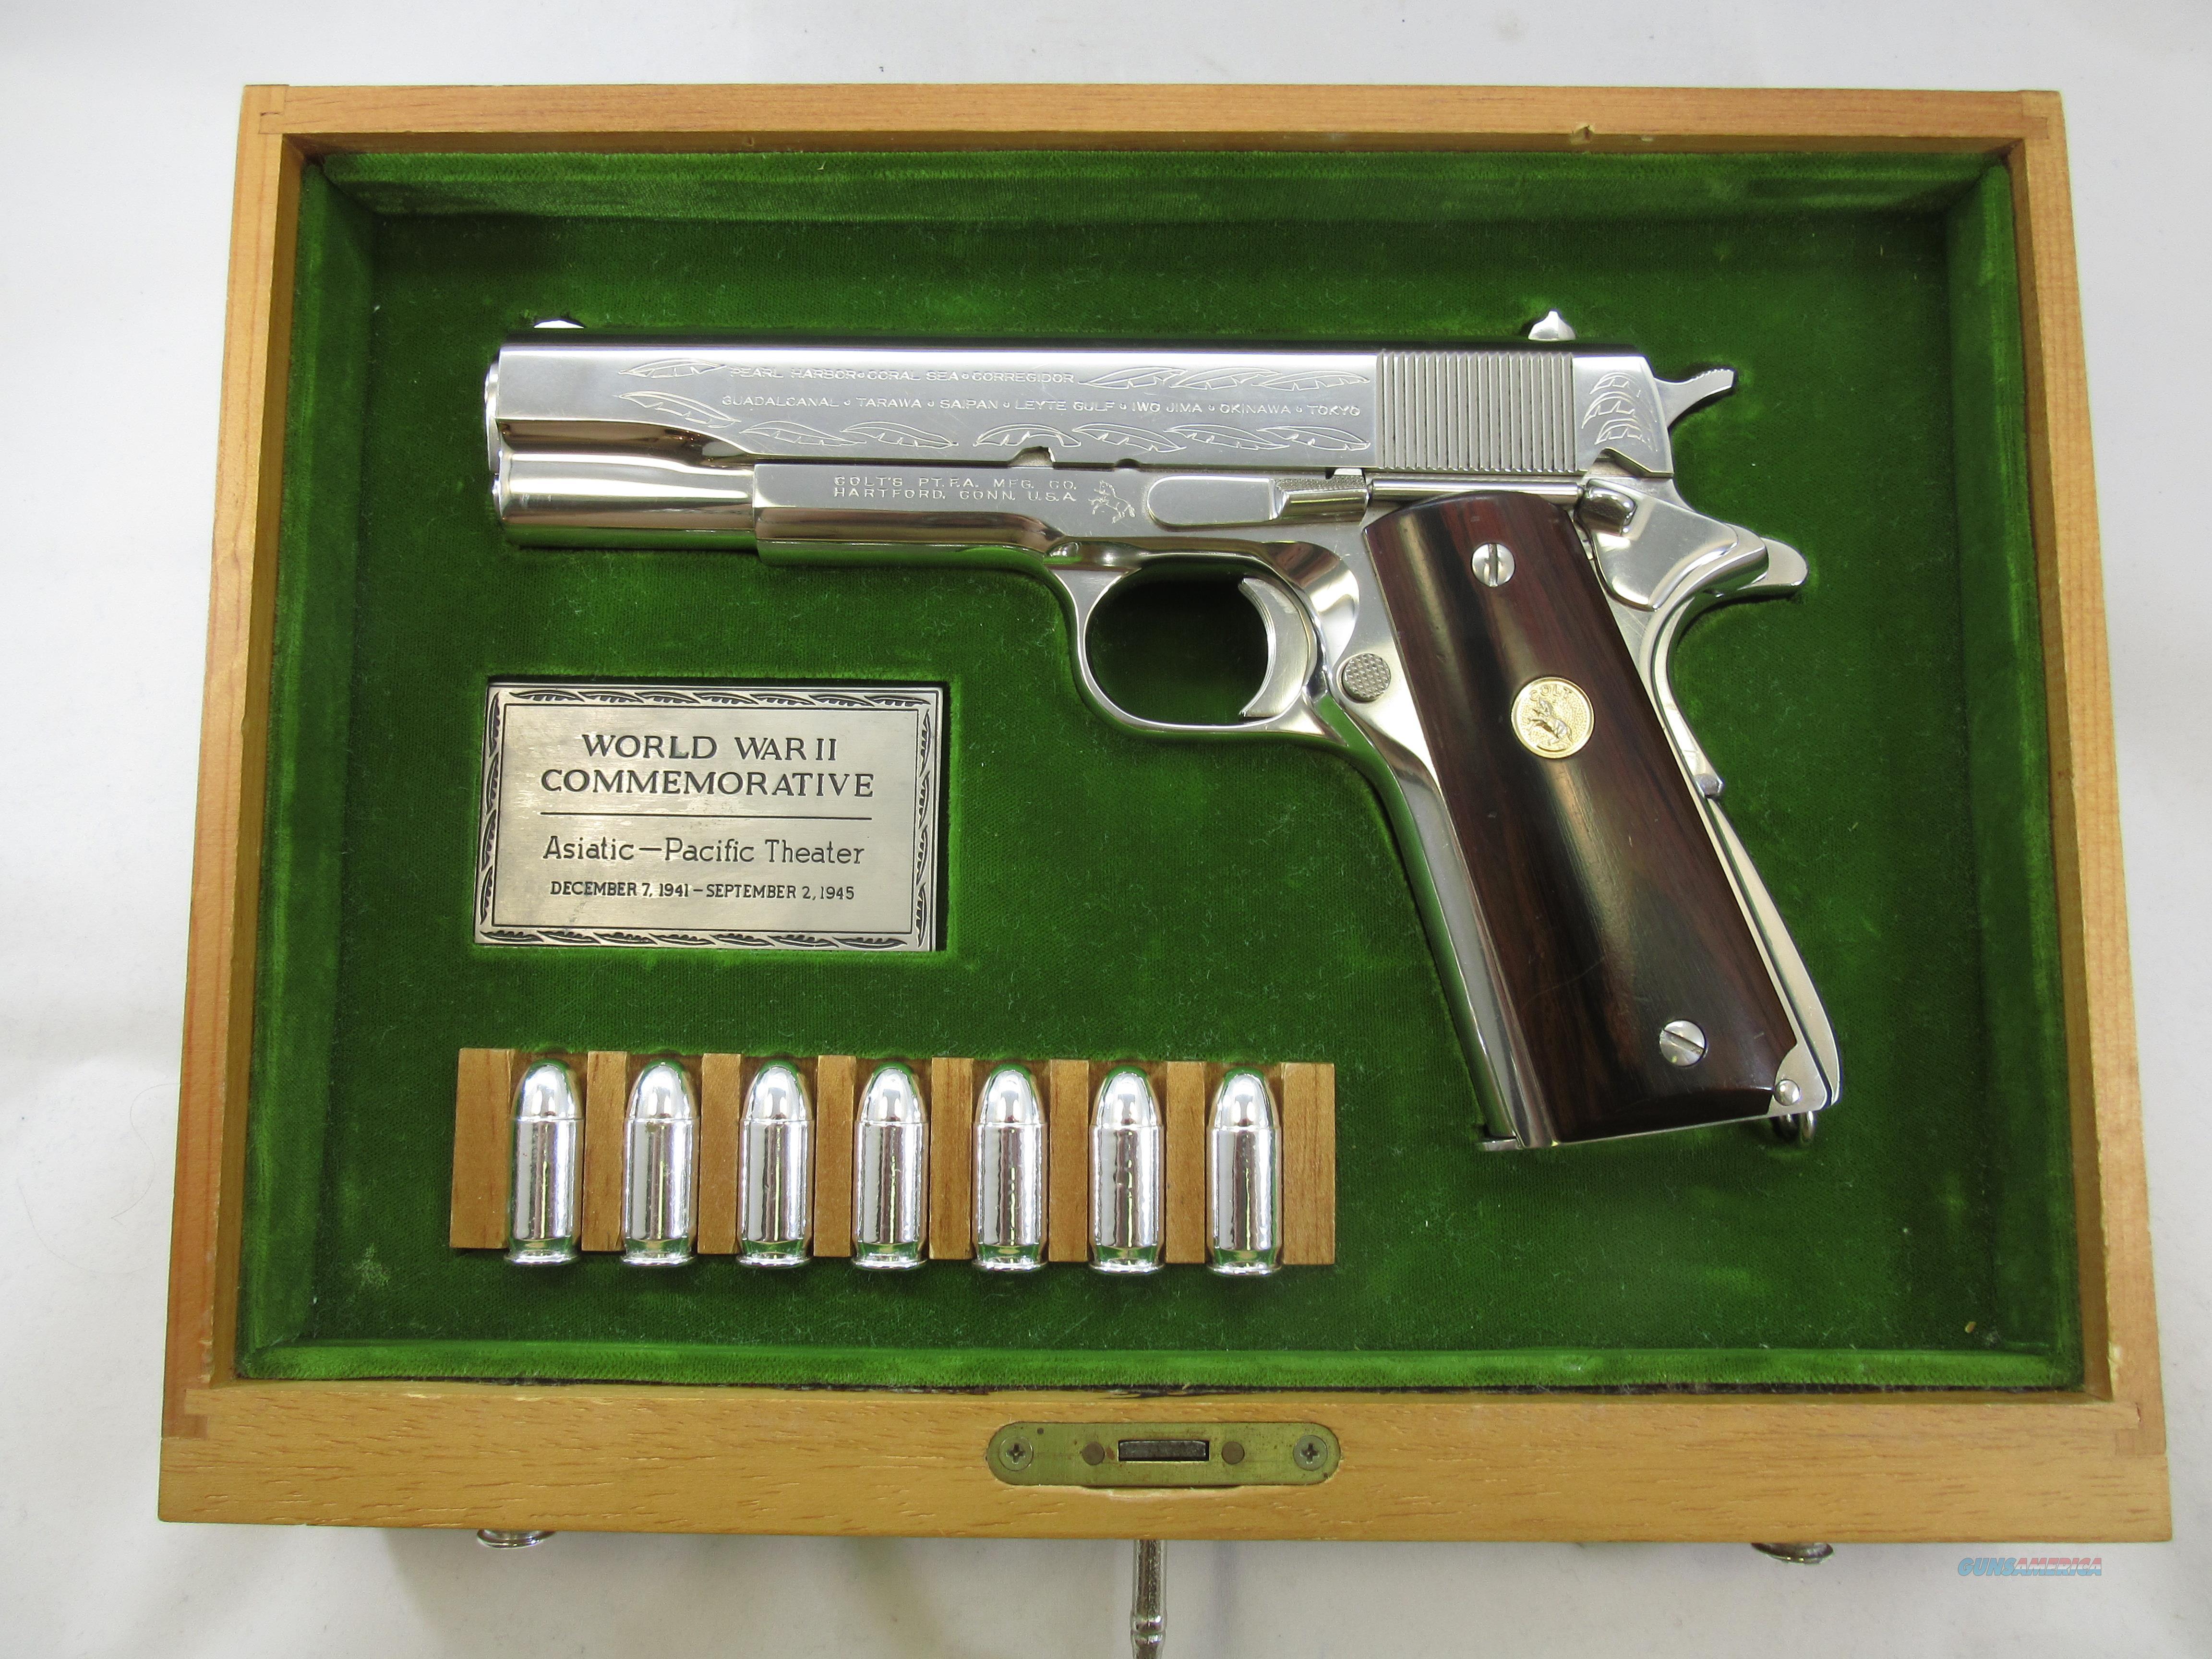 COLT COMMEMORATIVE - PACIFIC THEATER  Guns > Pistols > Colt Commemorative Pistols